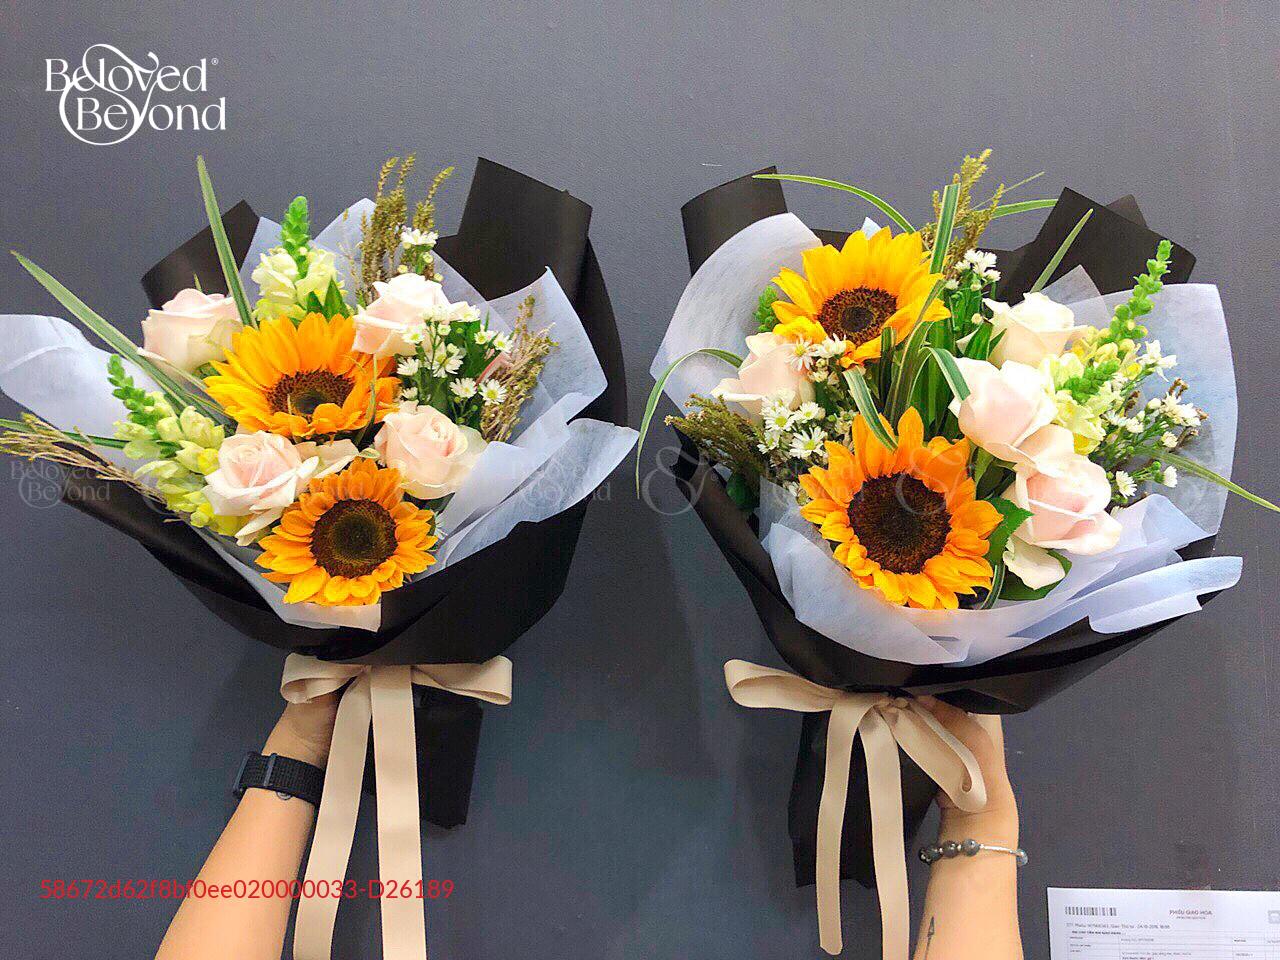 Ánh nắng ngọt ngào - D26189 - xinhtuoi.online